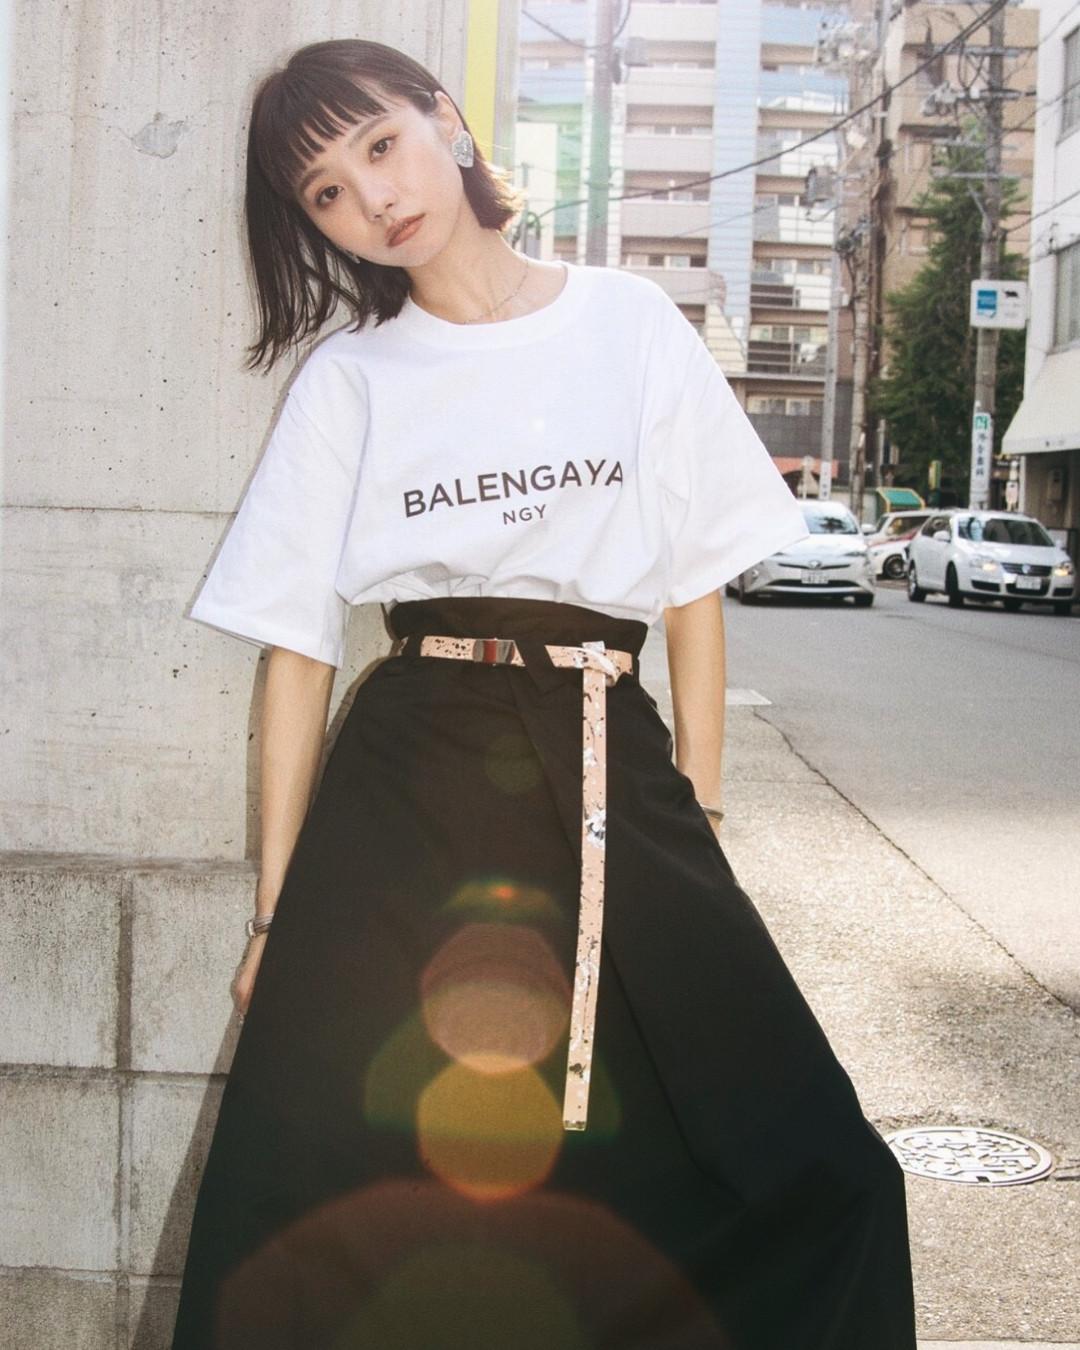 ロングスカート×Tシャツでモードなカジュアルコーデ 出典:yukikato29